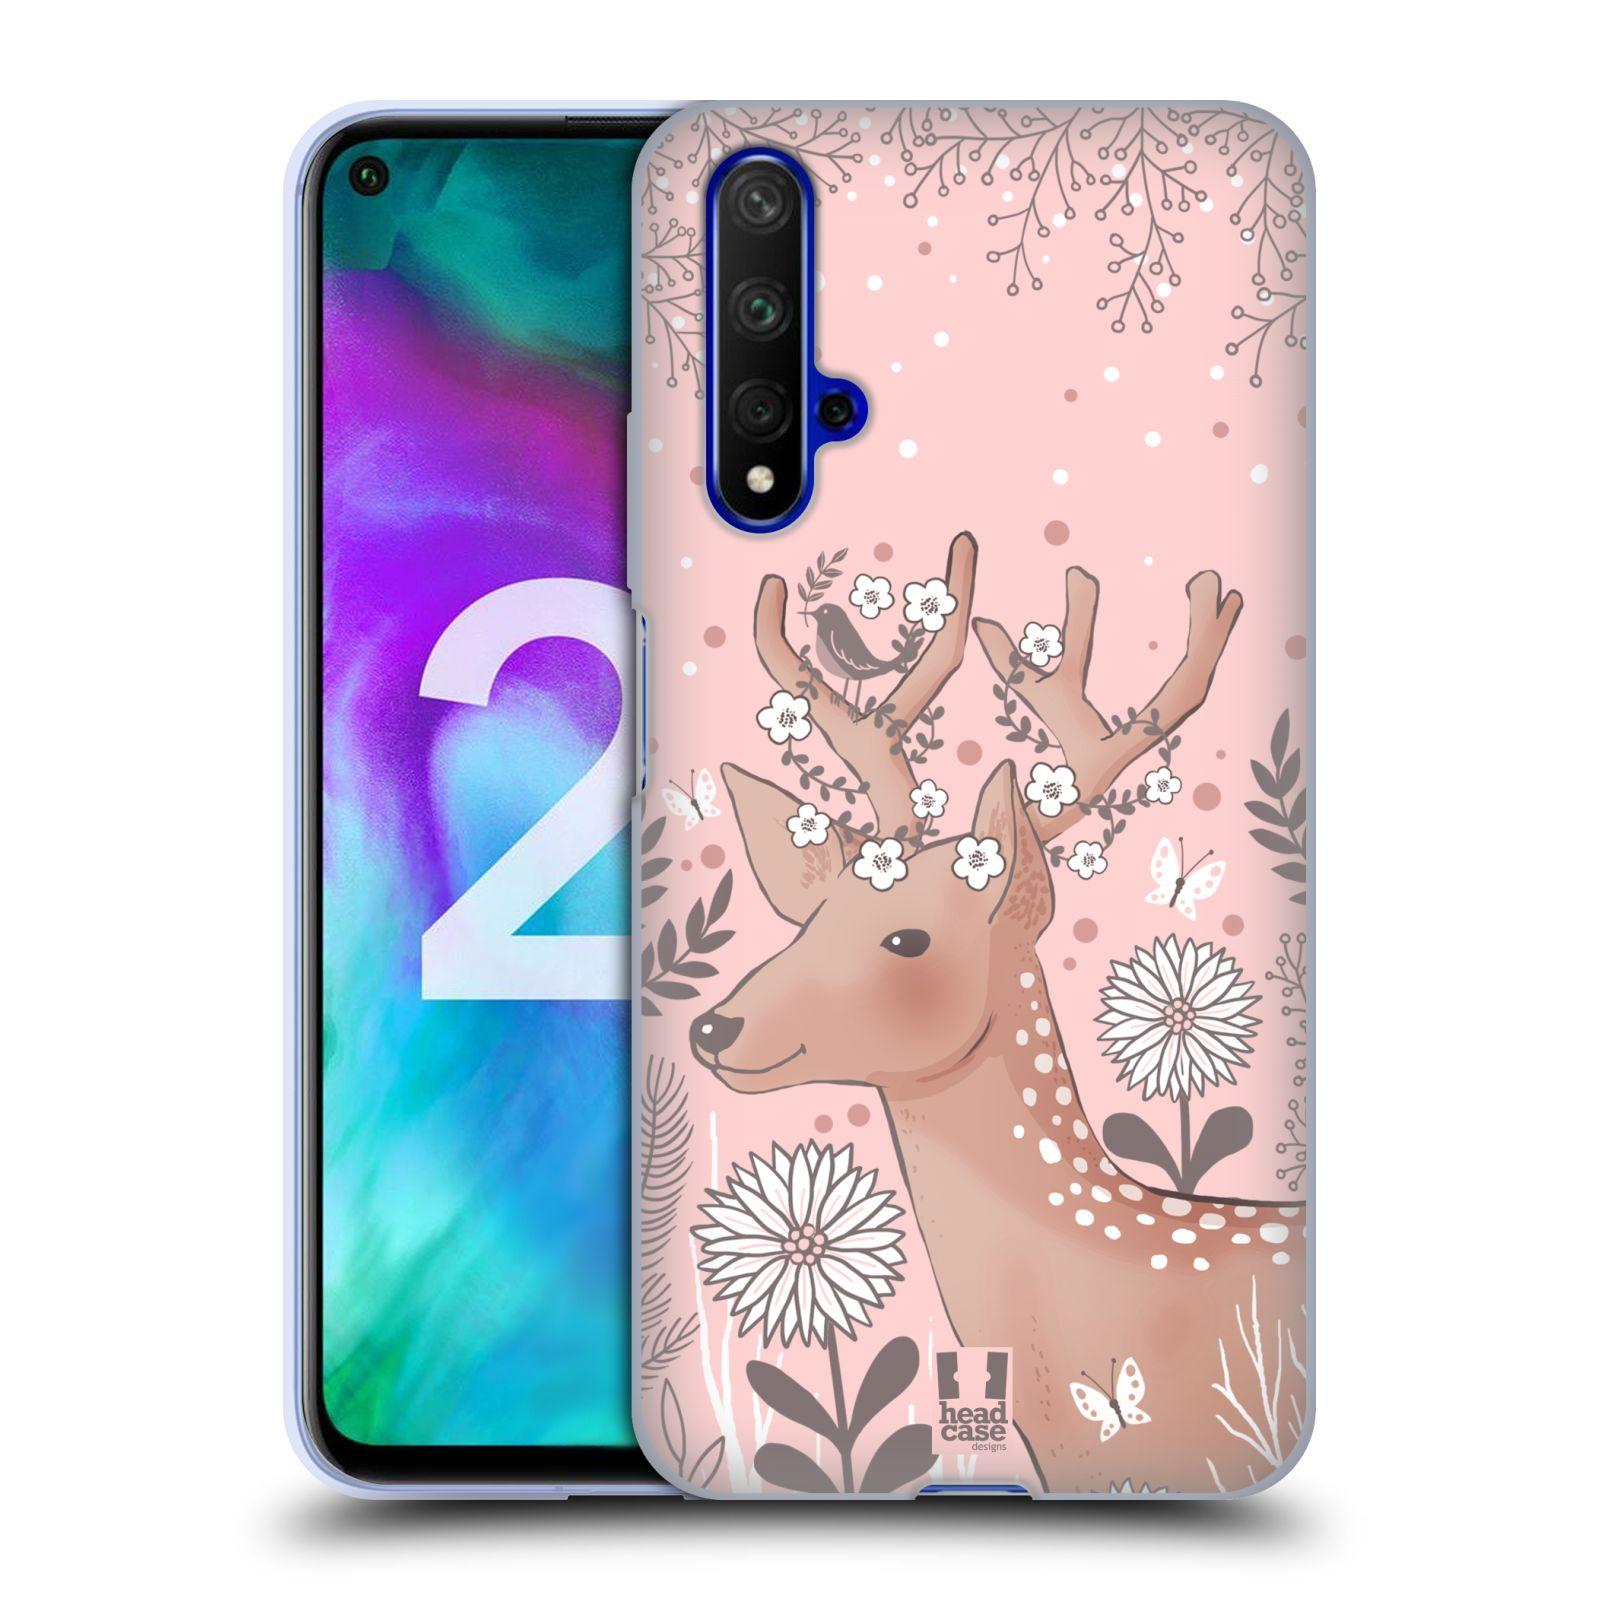 Silikonové pouzdro na mobil Honor 20 - Head Case - Jelíneček